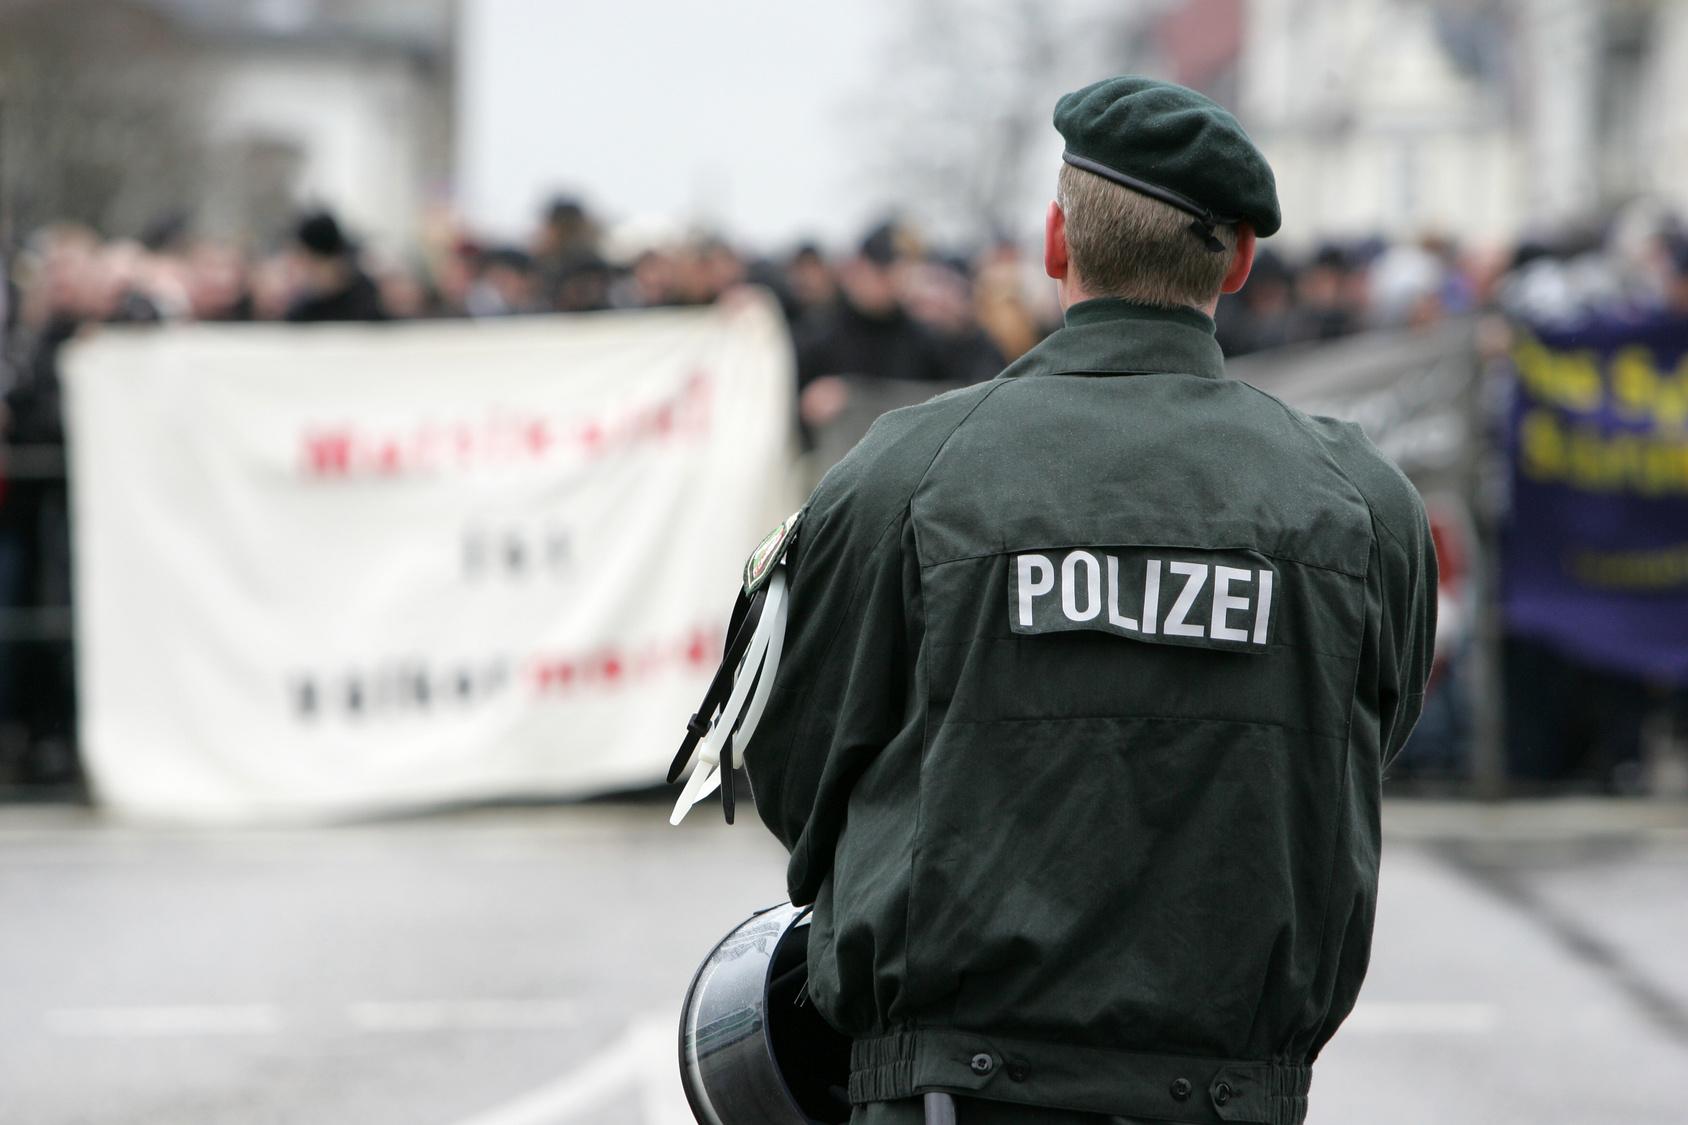 Darum soll es im Osten Deutschlands mehr Rechtsextreme geben